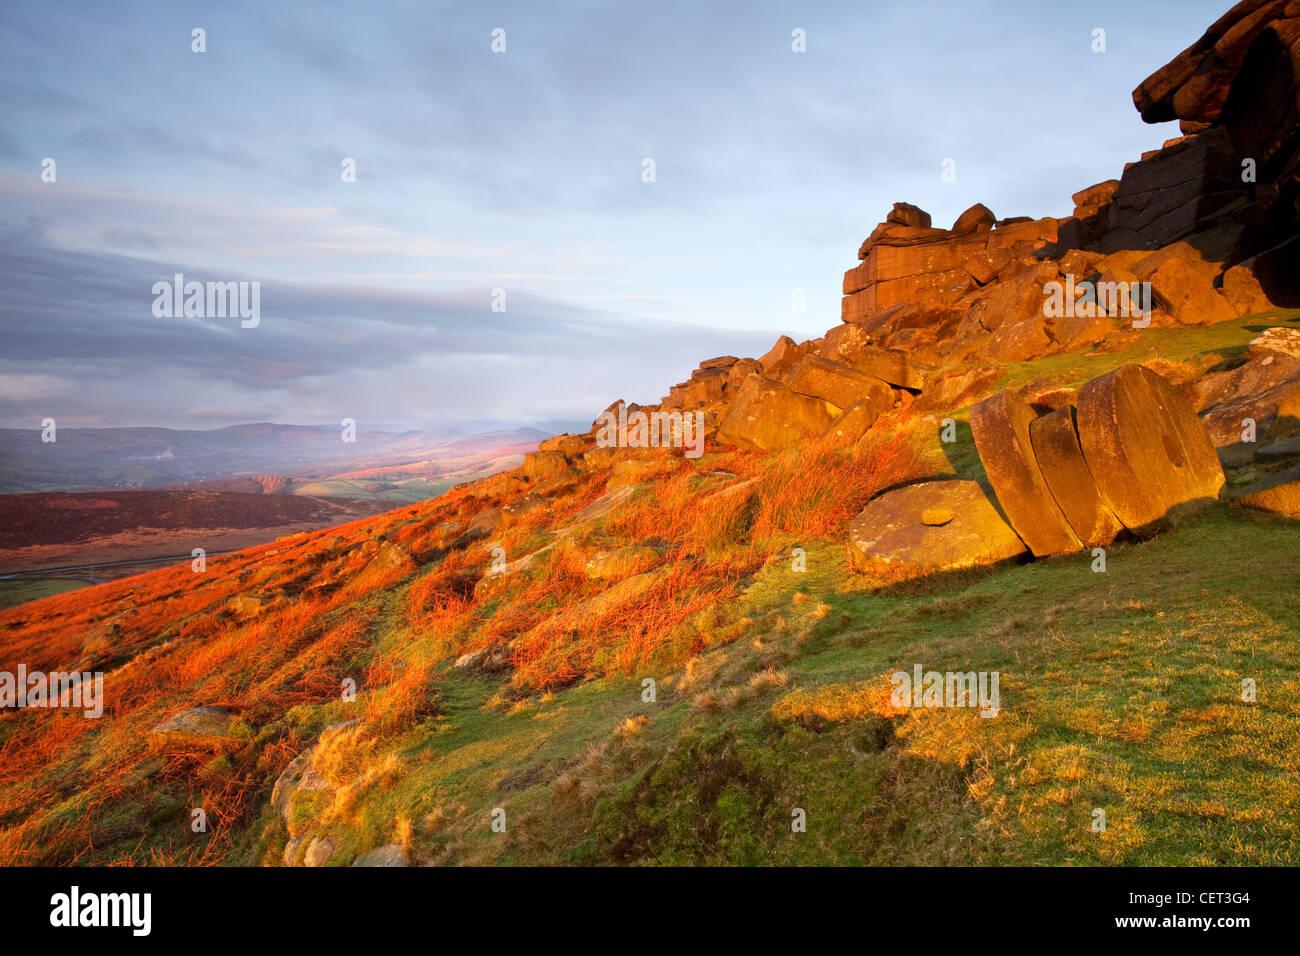 Meules abandonnées sous Stanage Edge à la première lumière dans le parc national de Peak District. Photo Stock